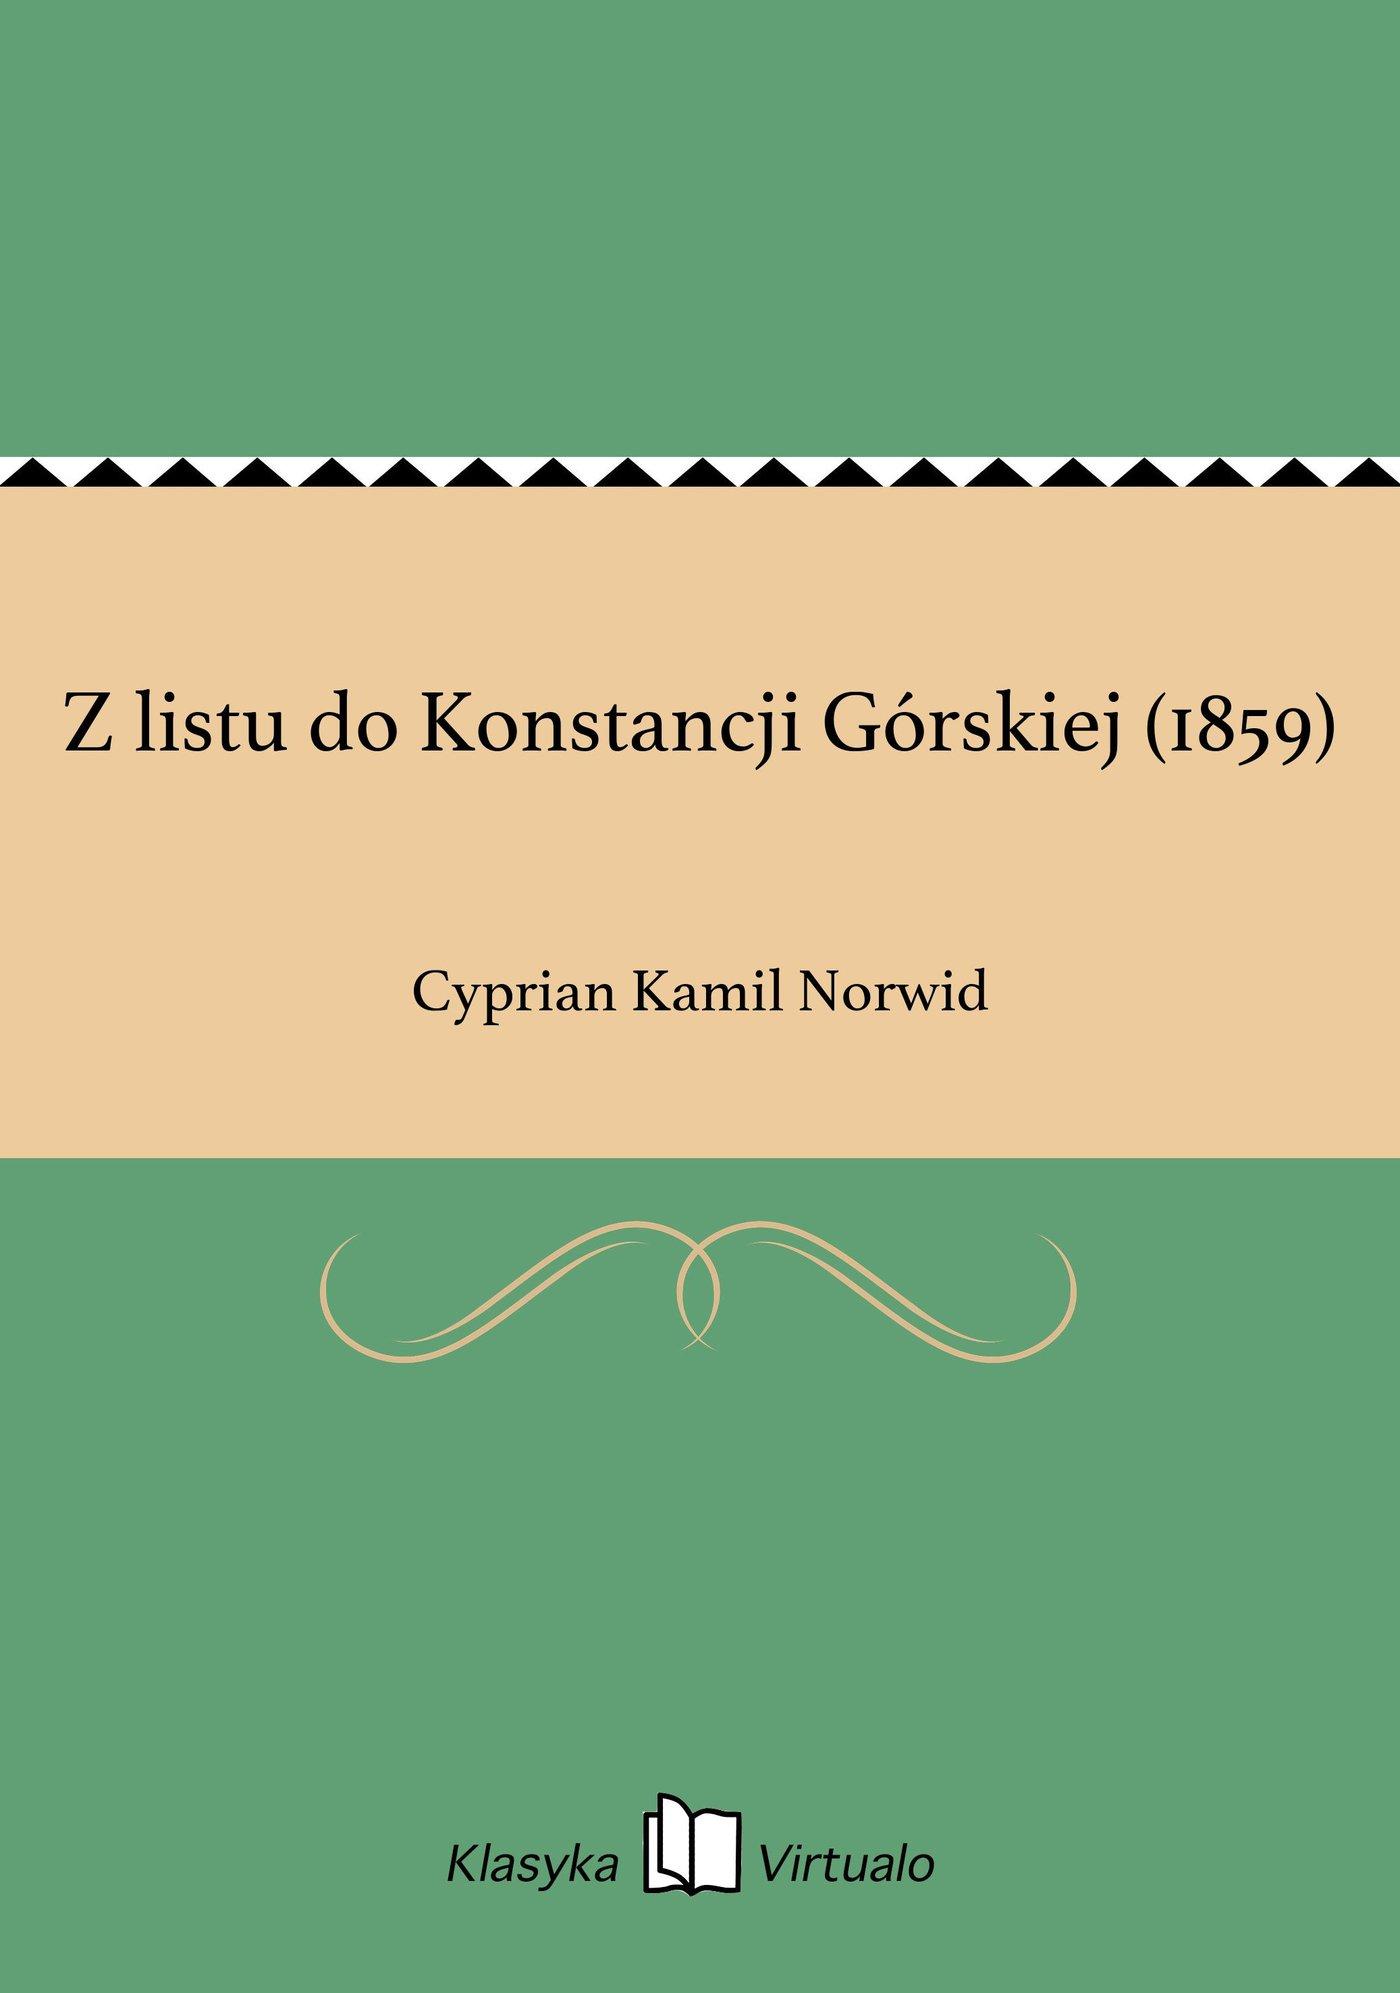 Z listu do Konstancji Górskiej (1859) - Ebook (Książka na Kindle) do pobrania w formacie MOBI